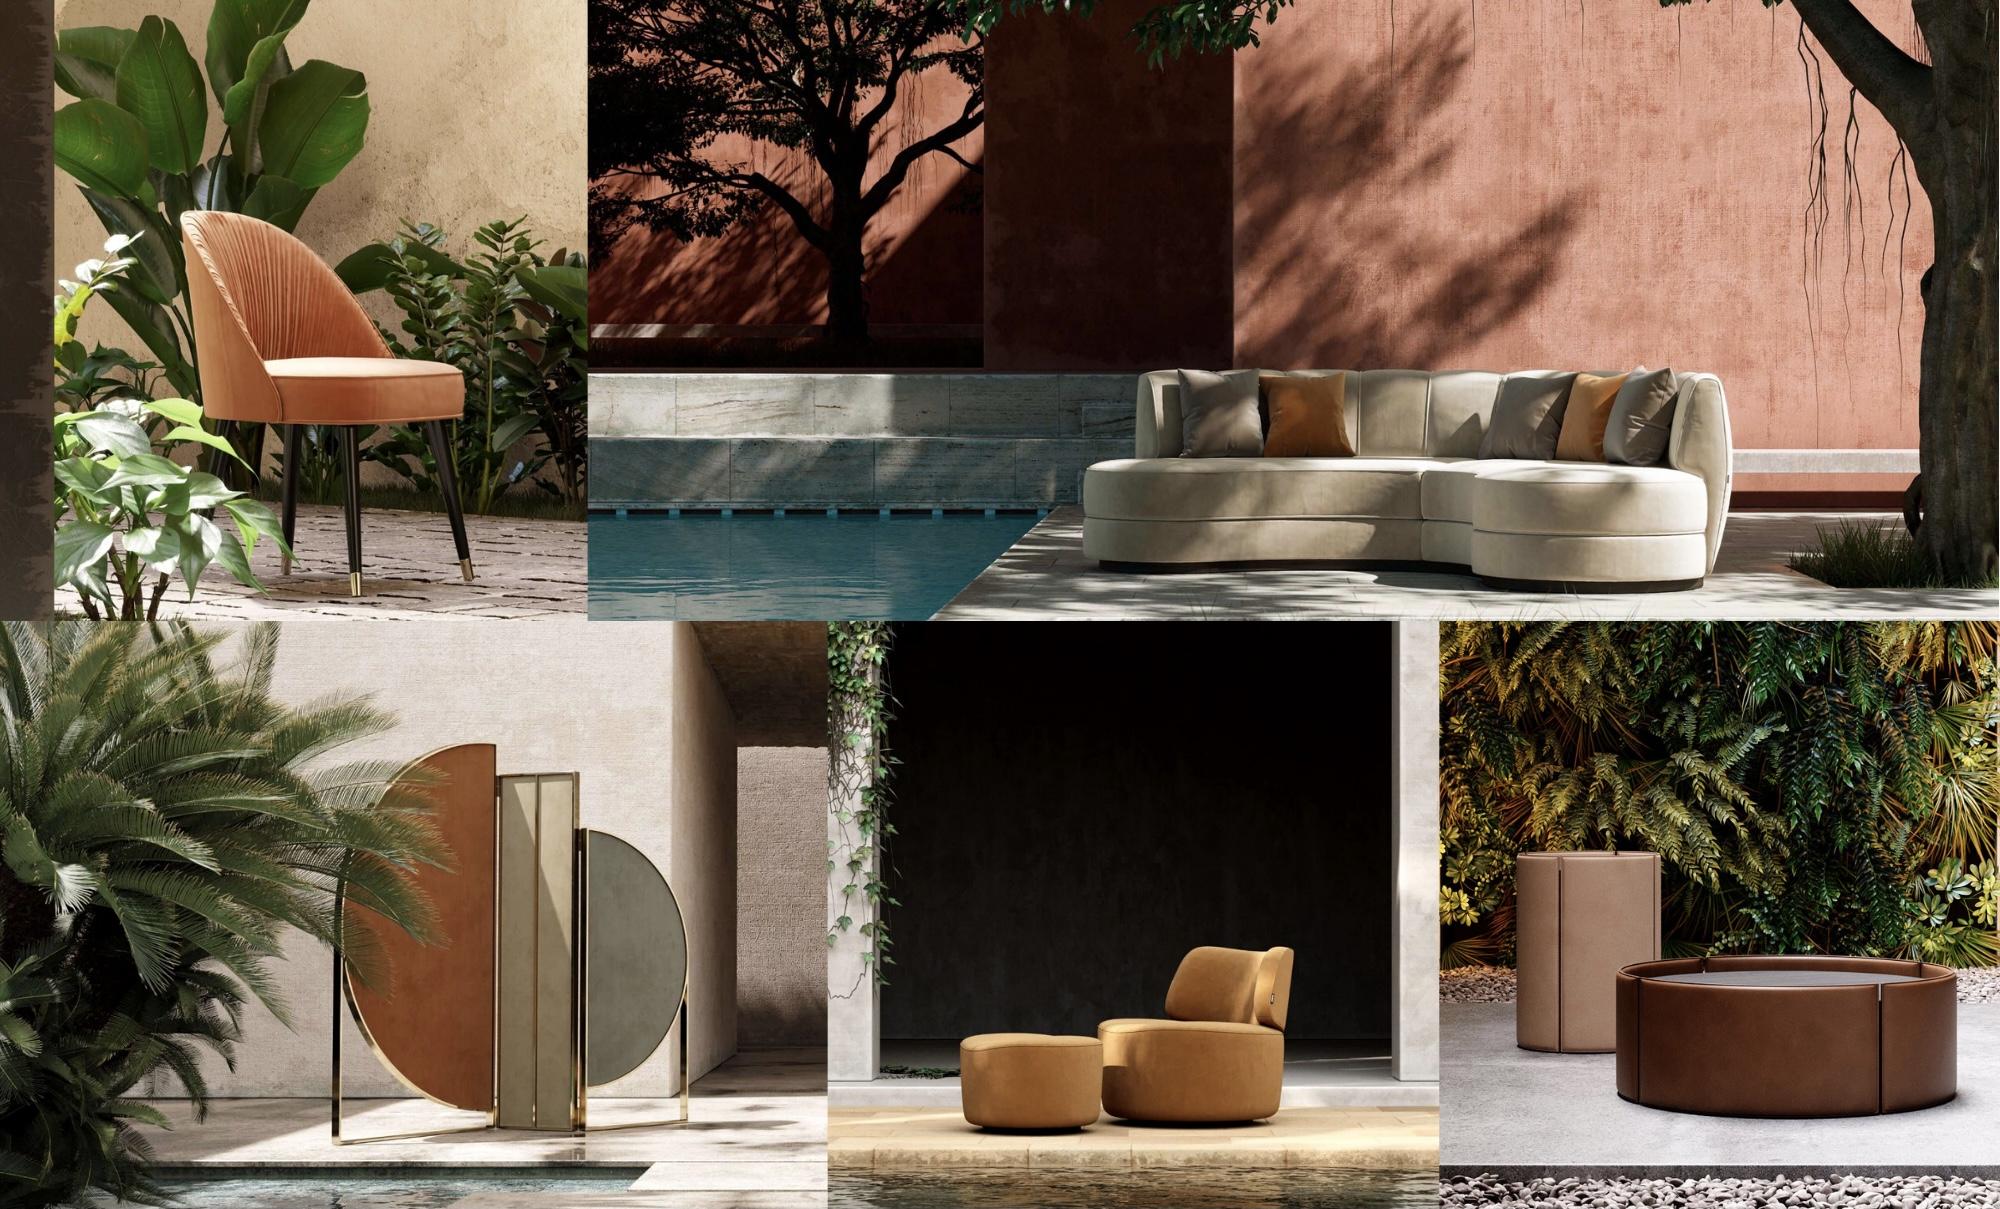 Domkapa contemporary outdoor design